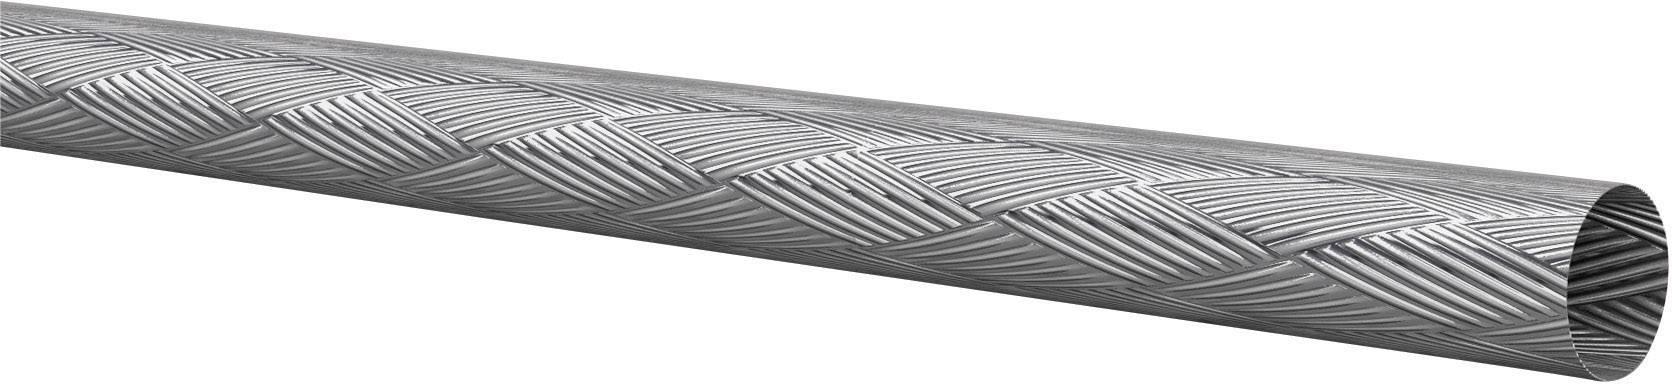 Copper braid, tinned 203670200 Kabeltronik Množství: metrové zboží